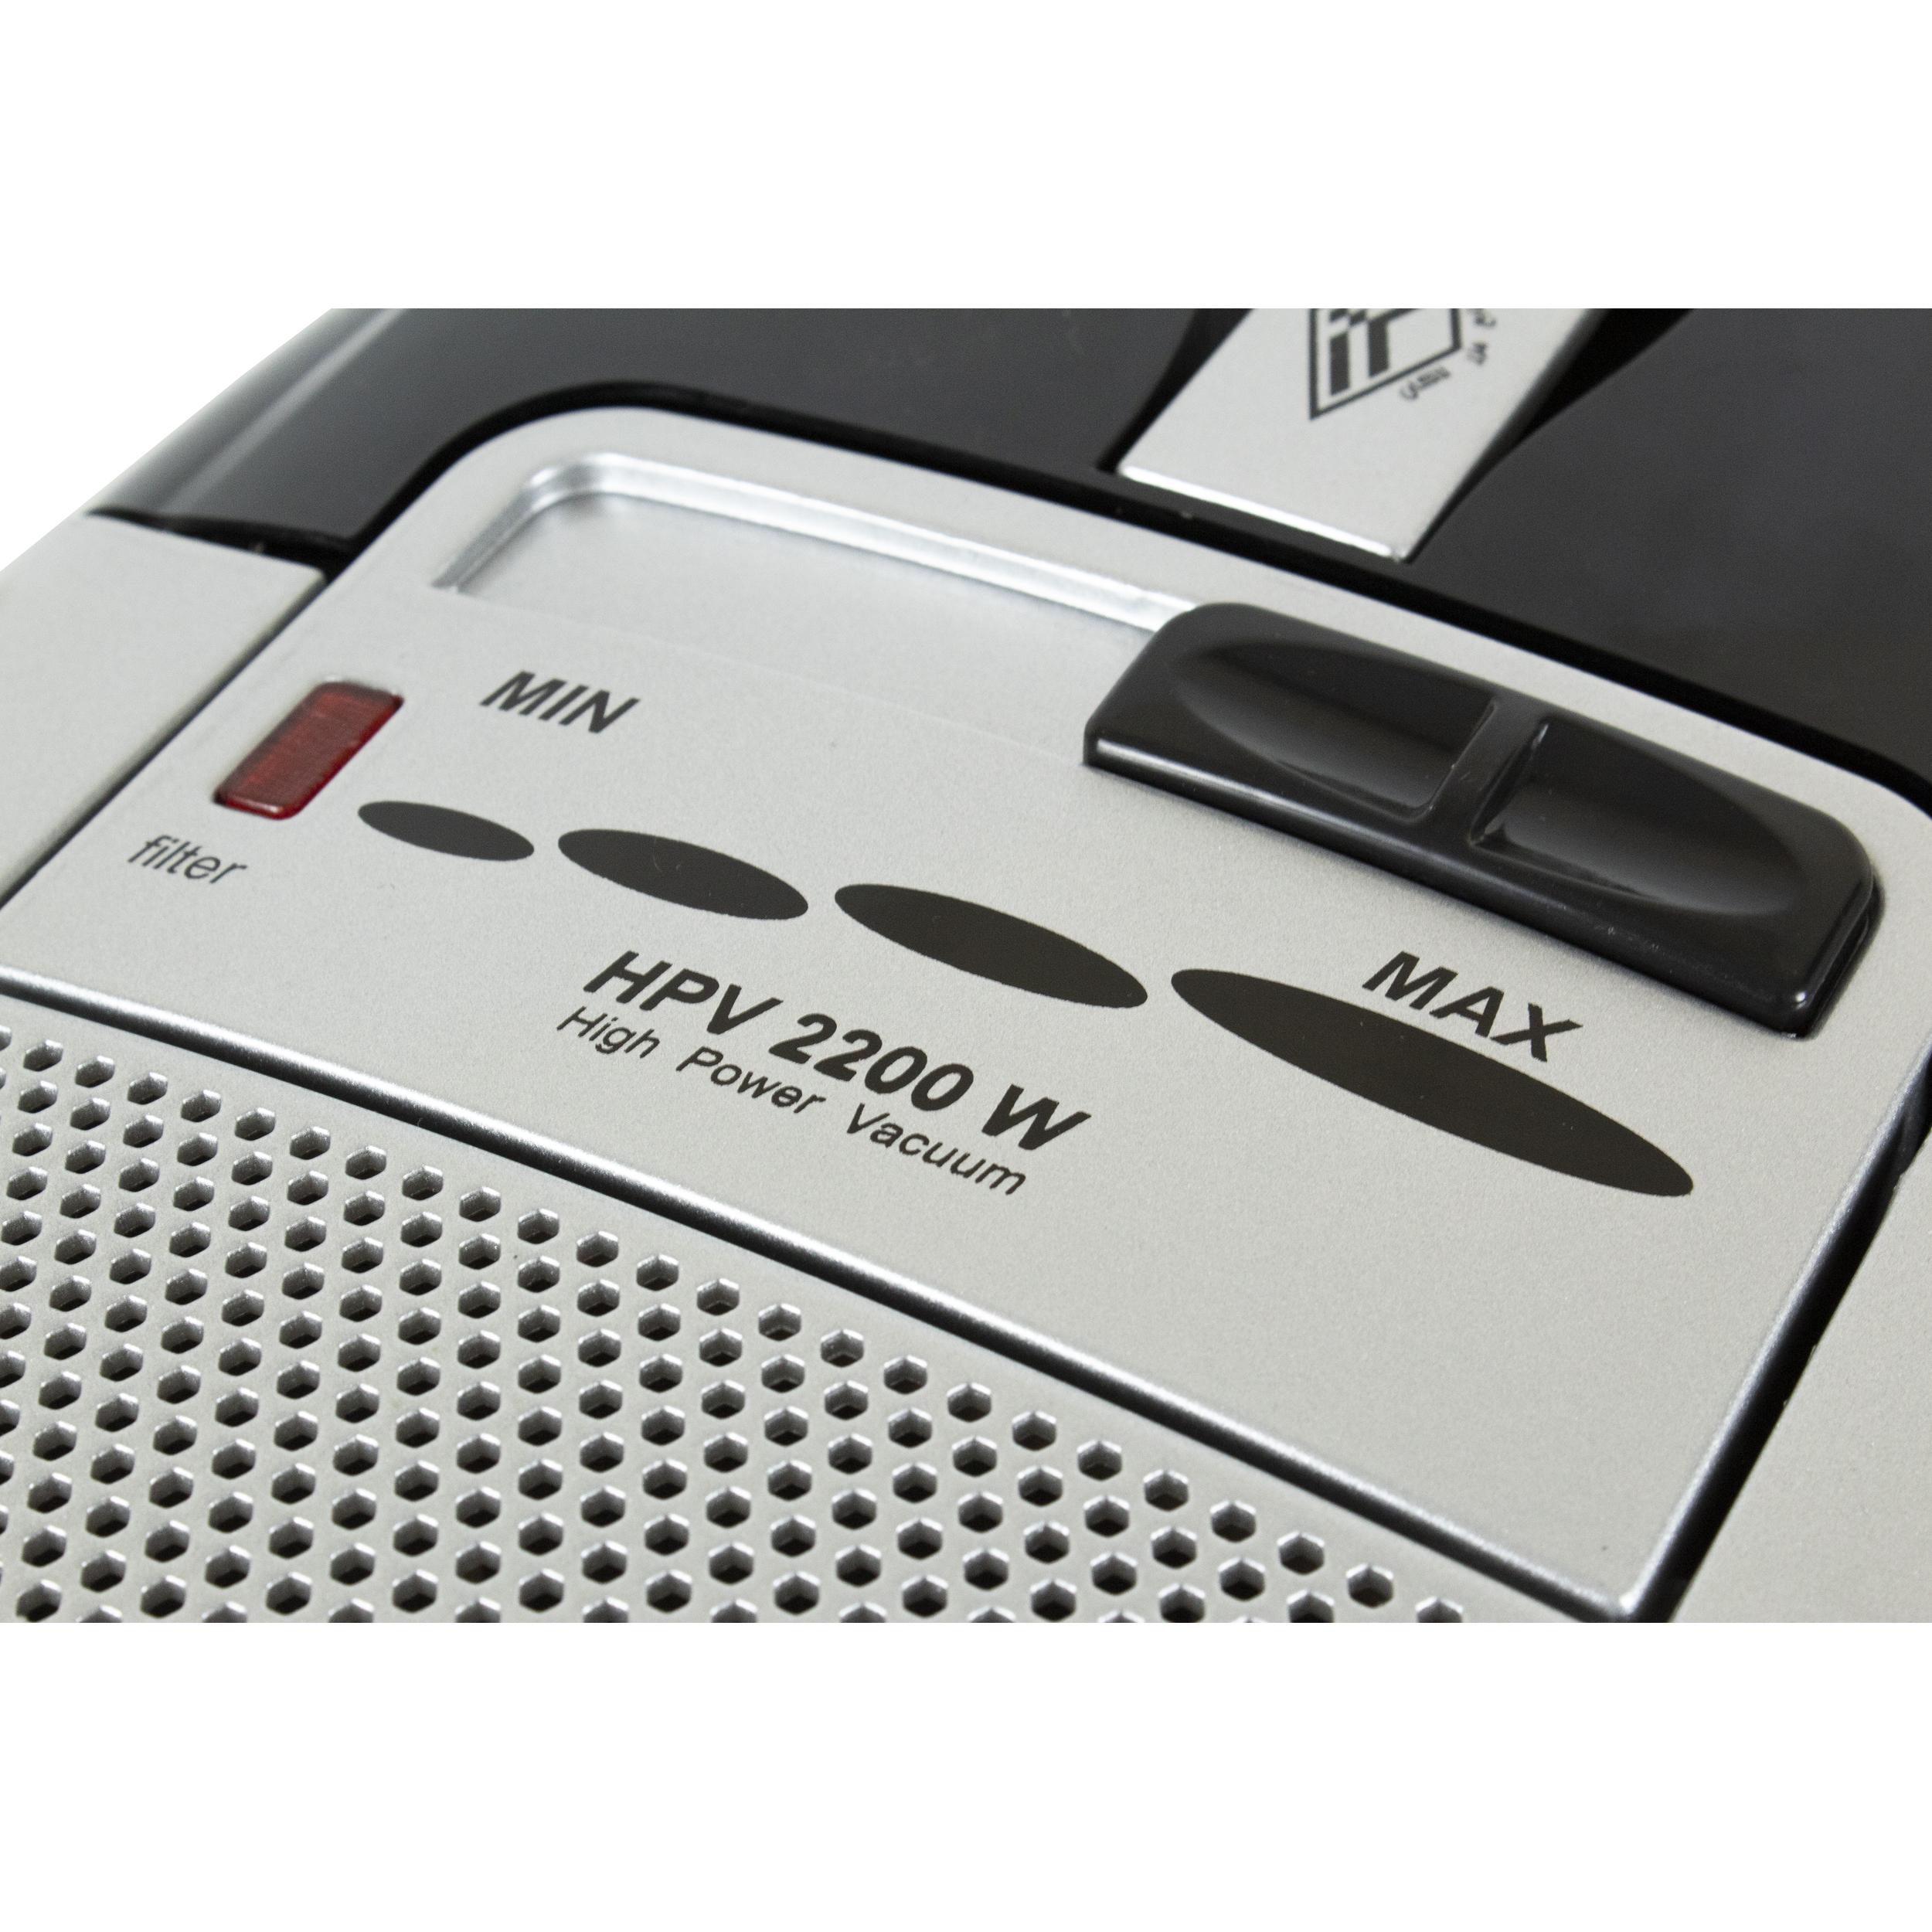 جاروبرقی خزر مدل HPV 2200W main 1 12